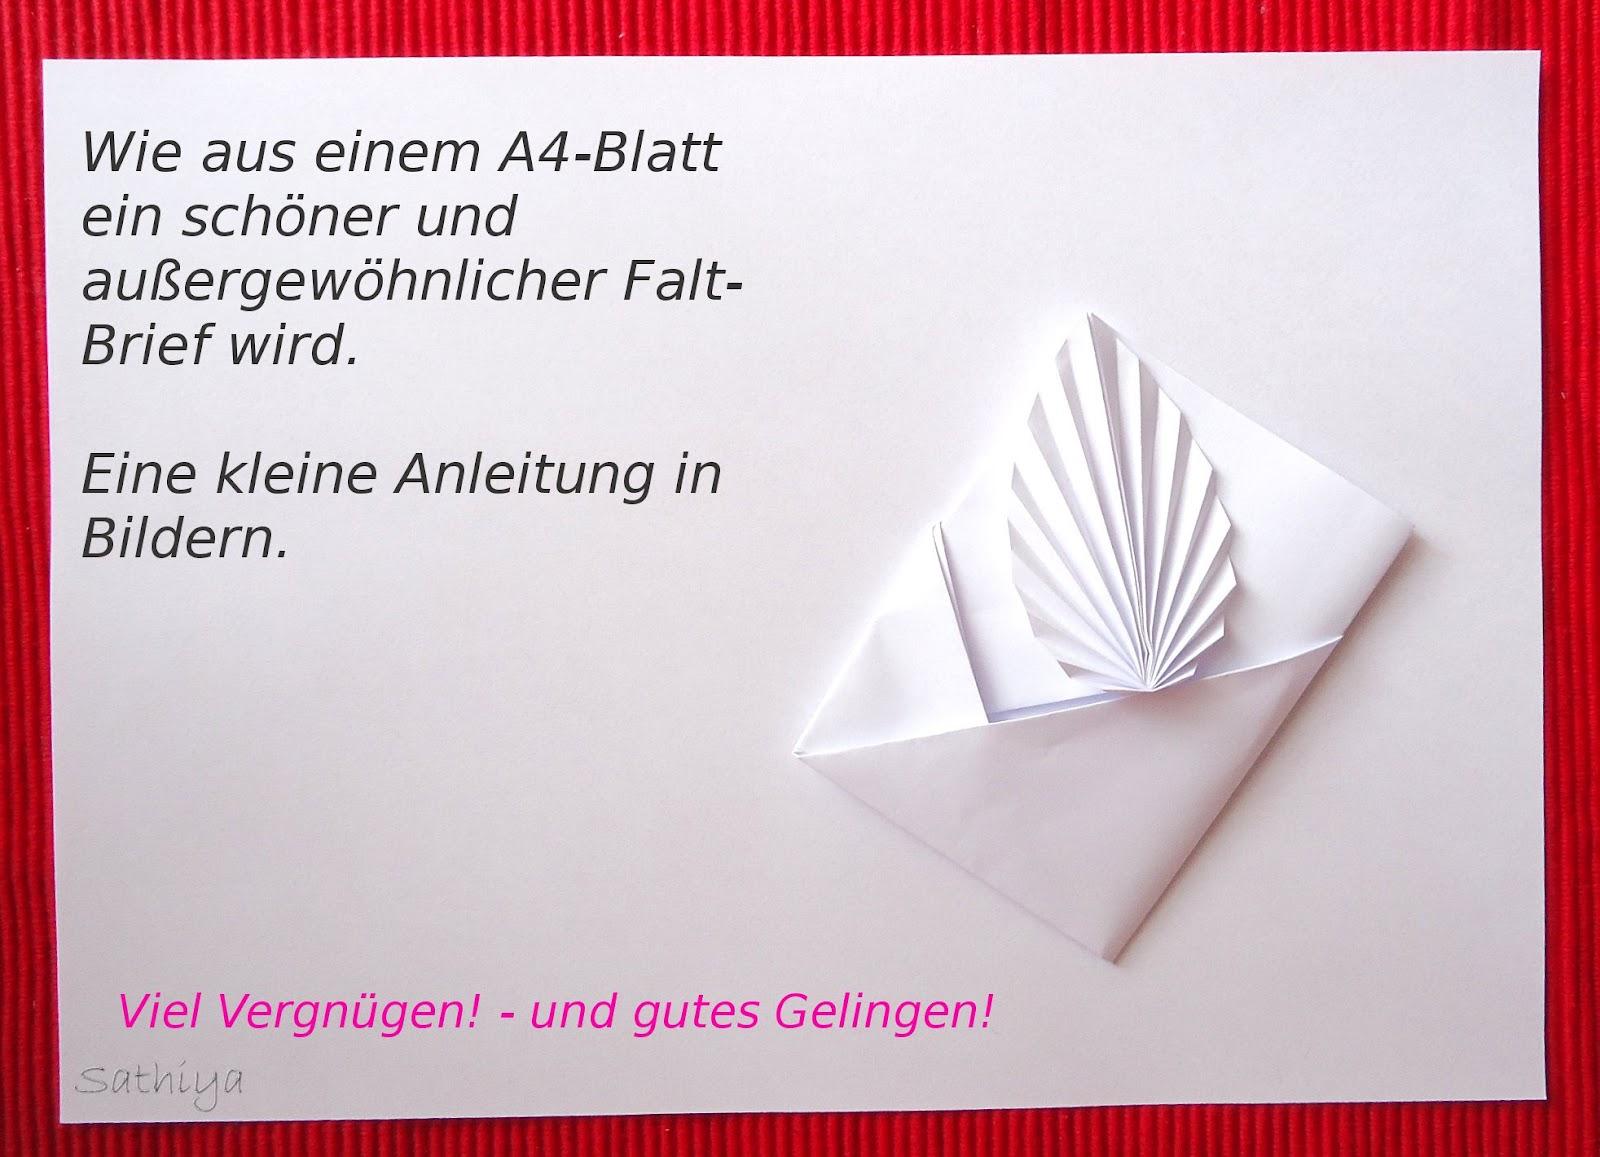 Briefe Falten Und Eintüten Maschine : Wie samt und seide gefalteter brief origami